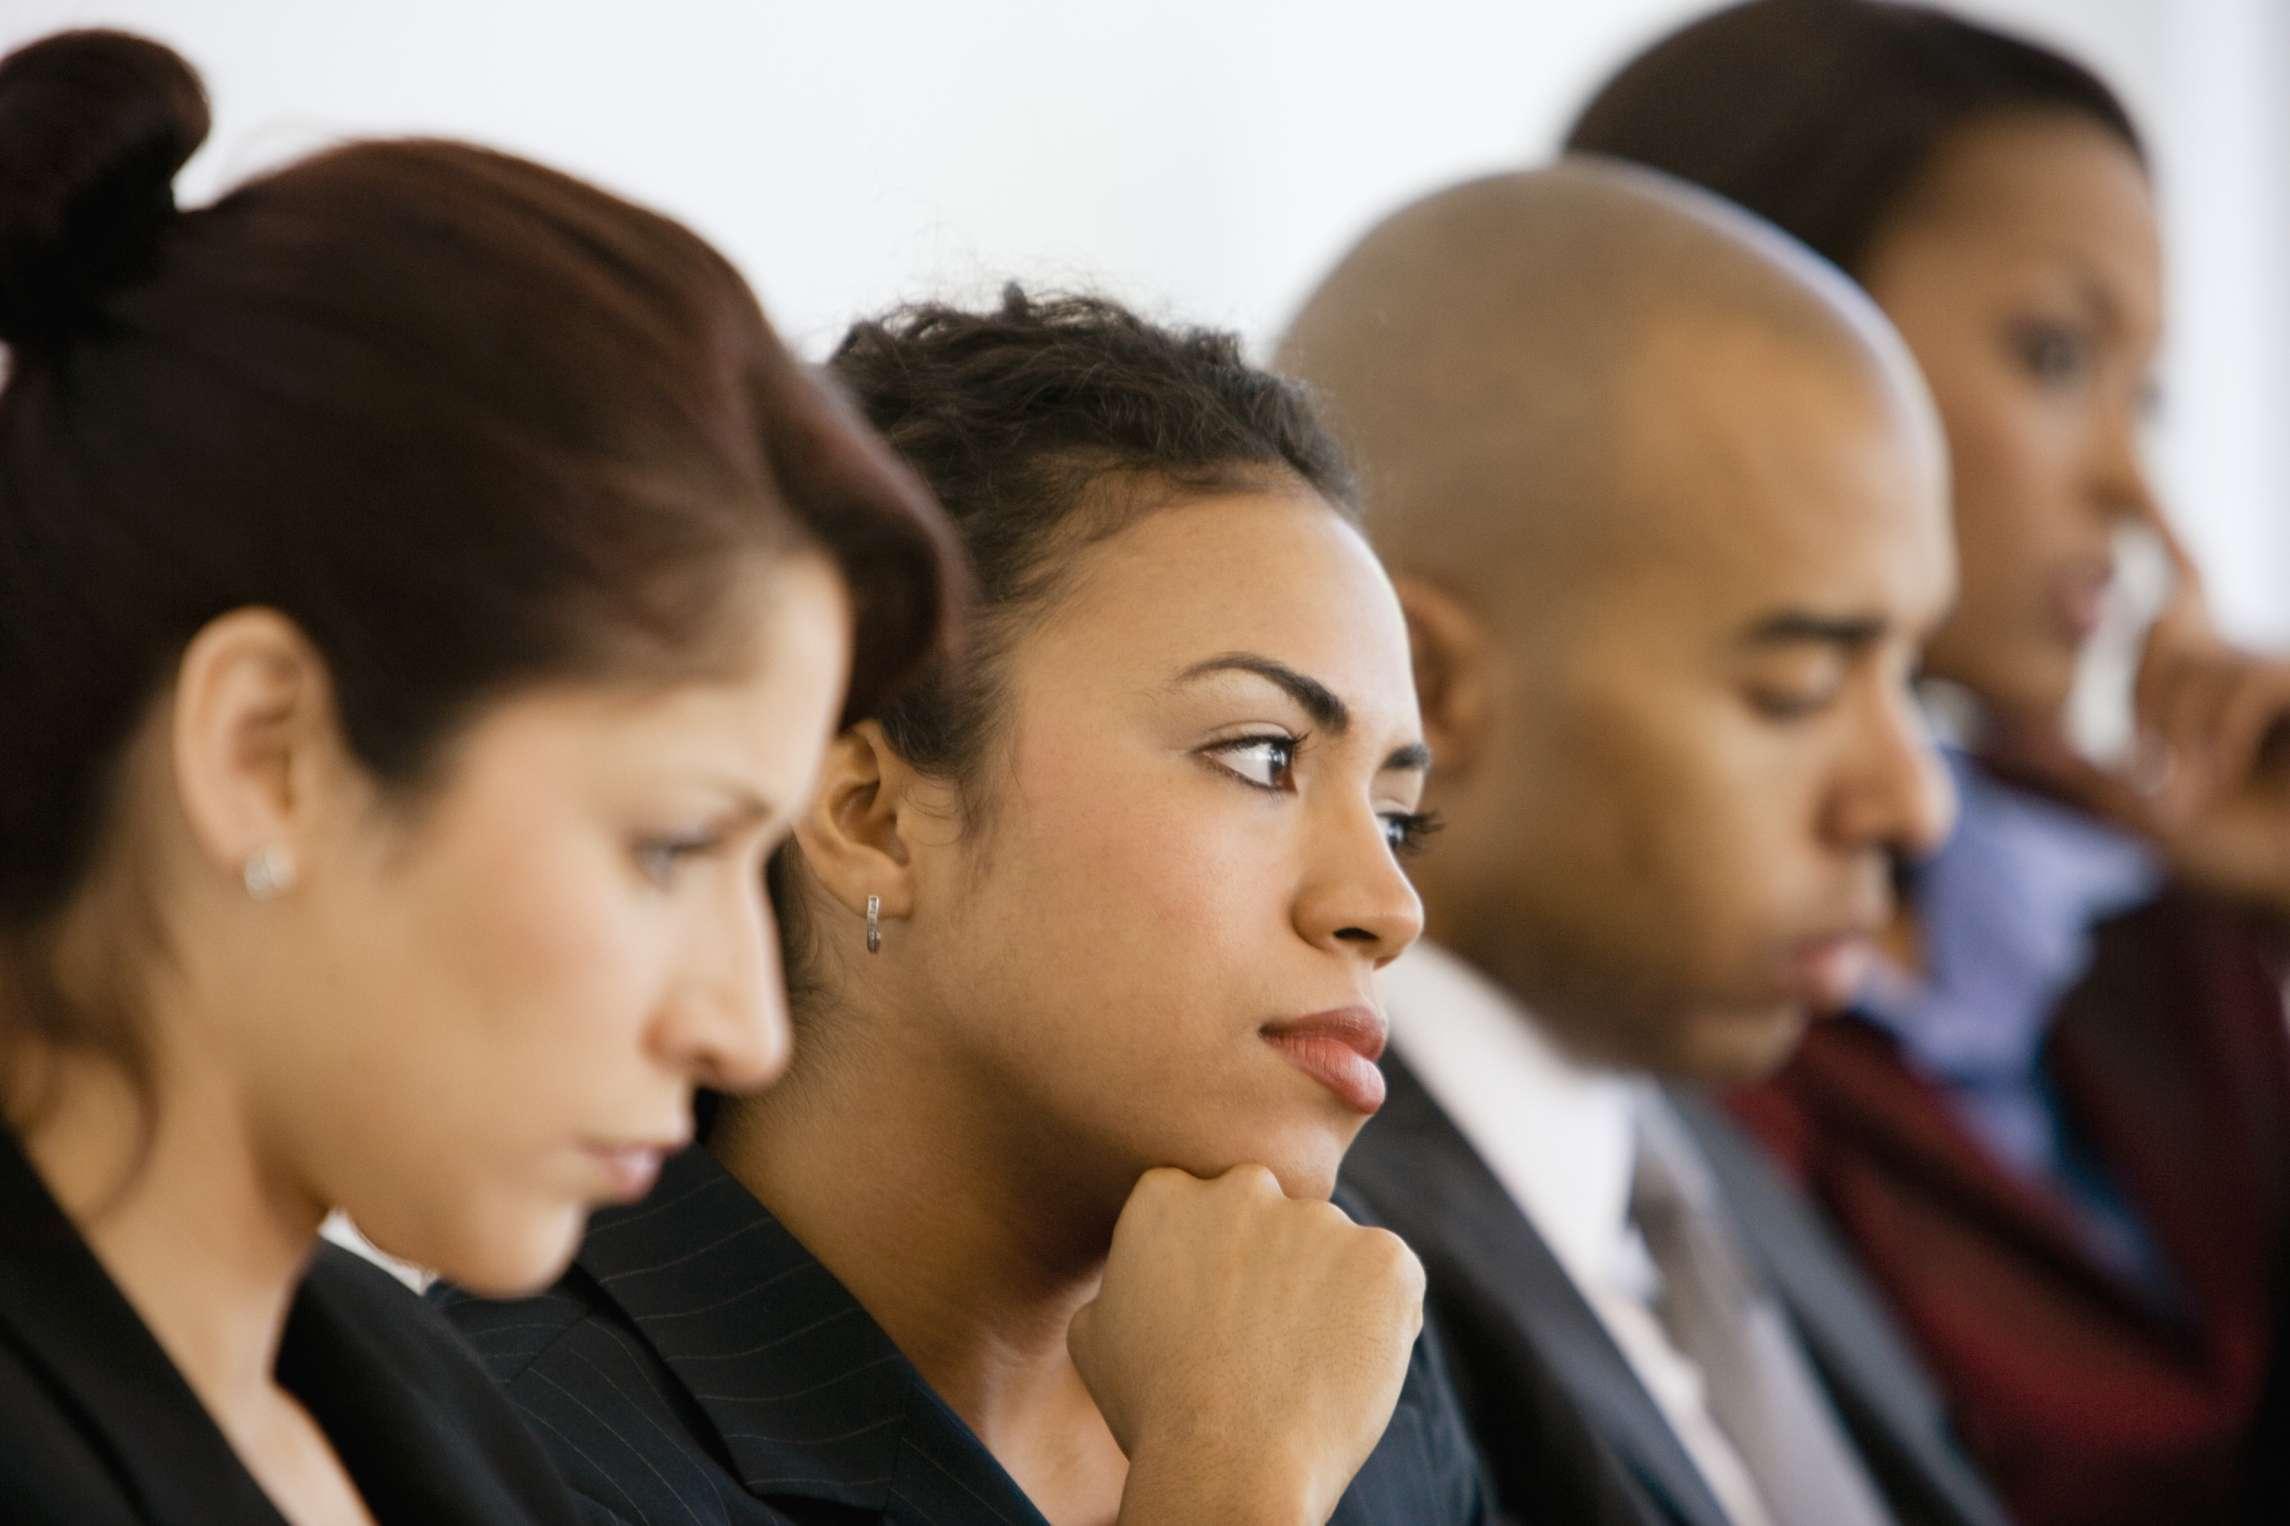 Concursos públicos terão cotas para quem se declarar negro ou mulato Foto: Thinkstock